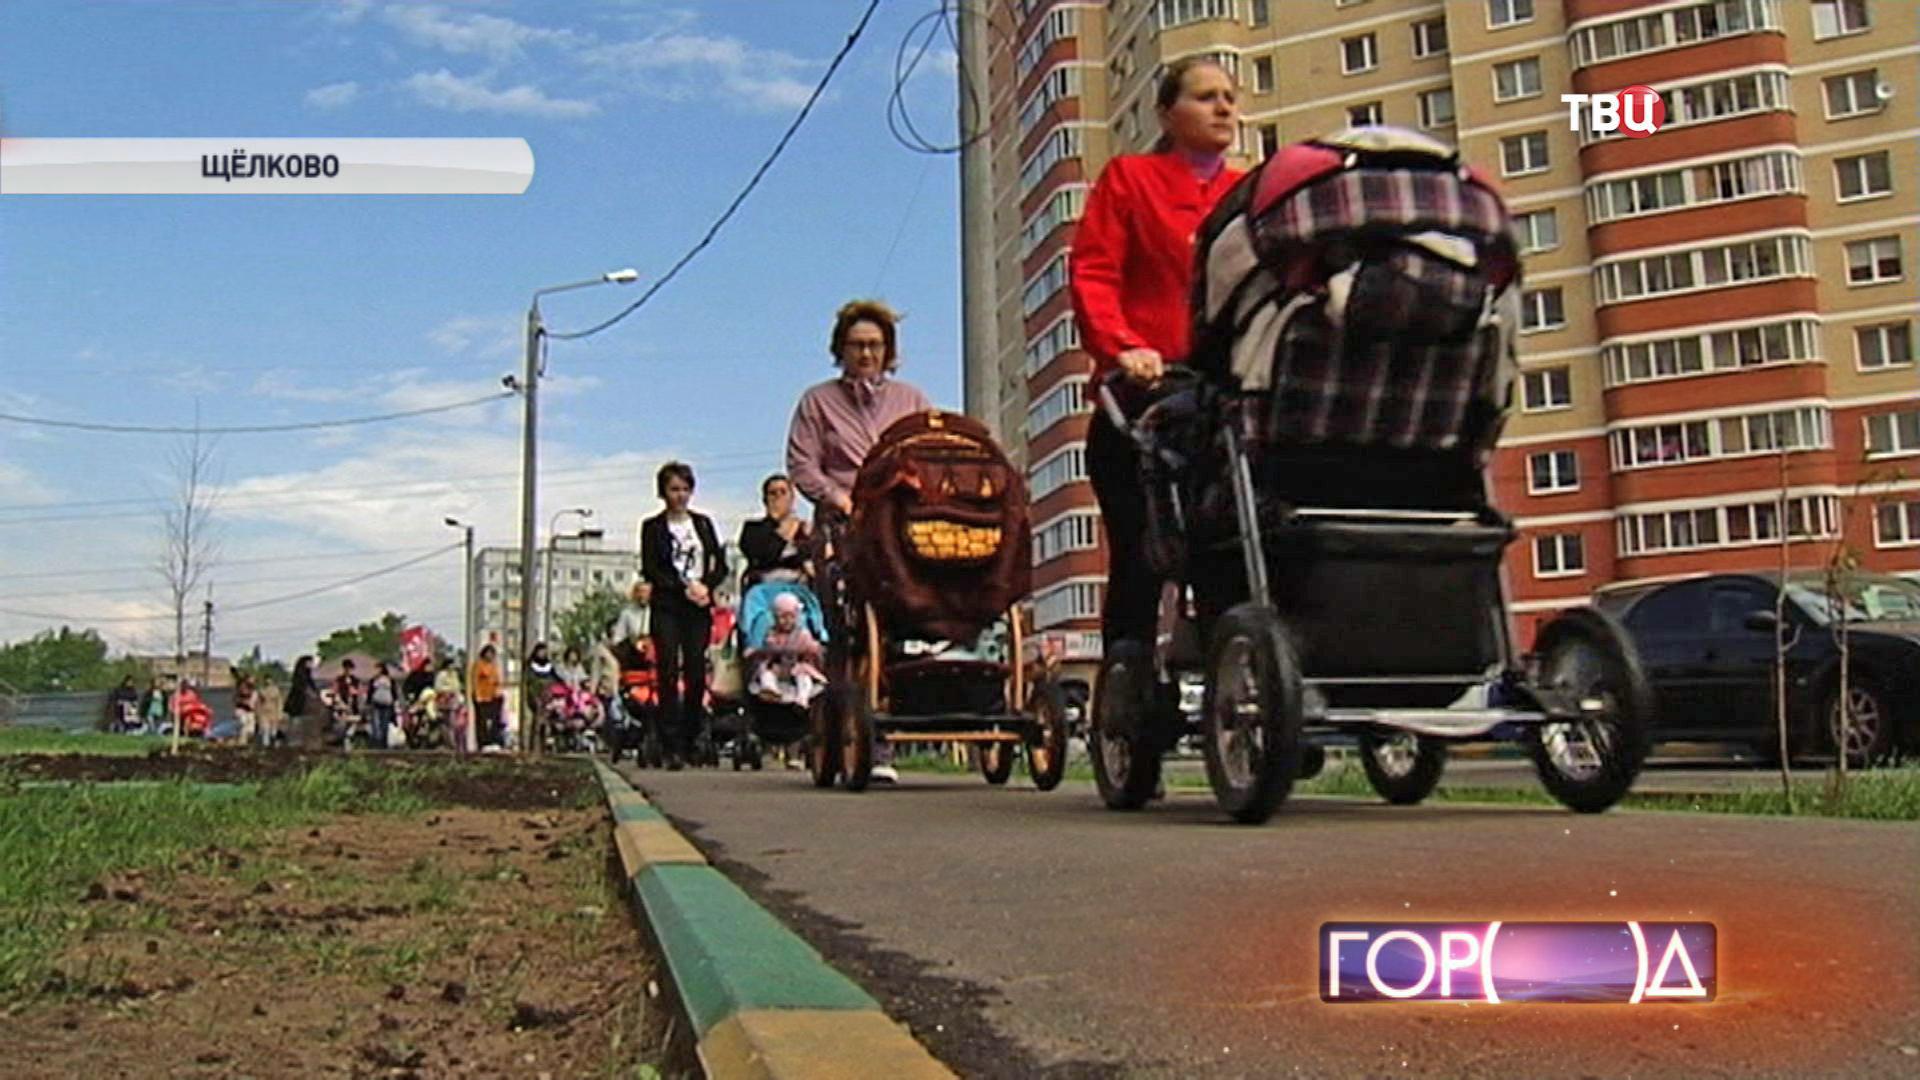 Жители района Щелково